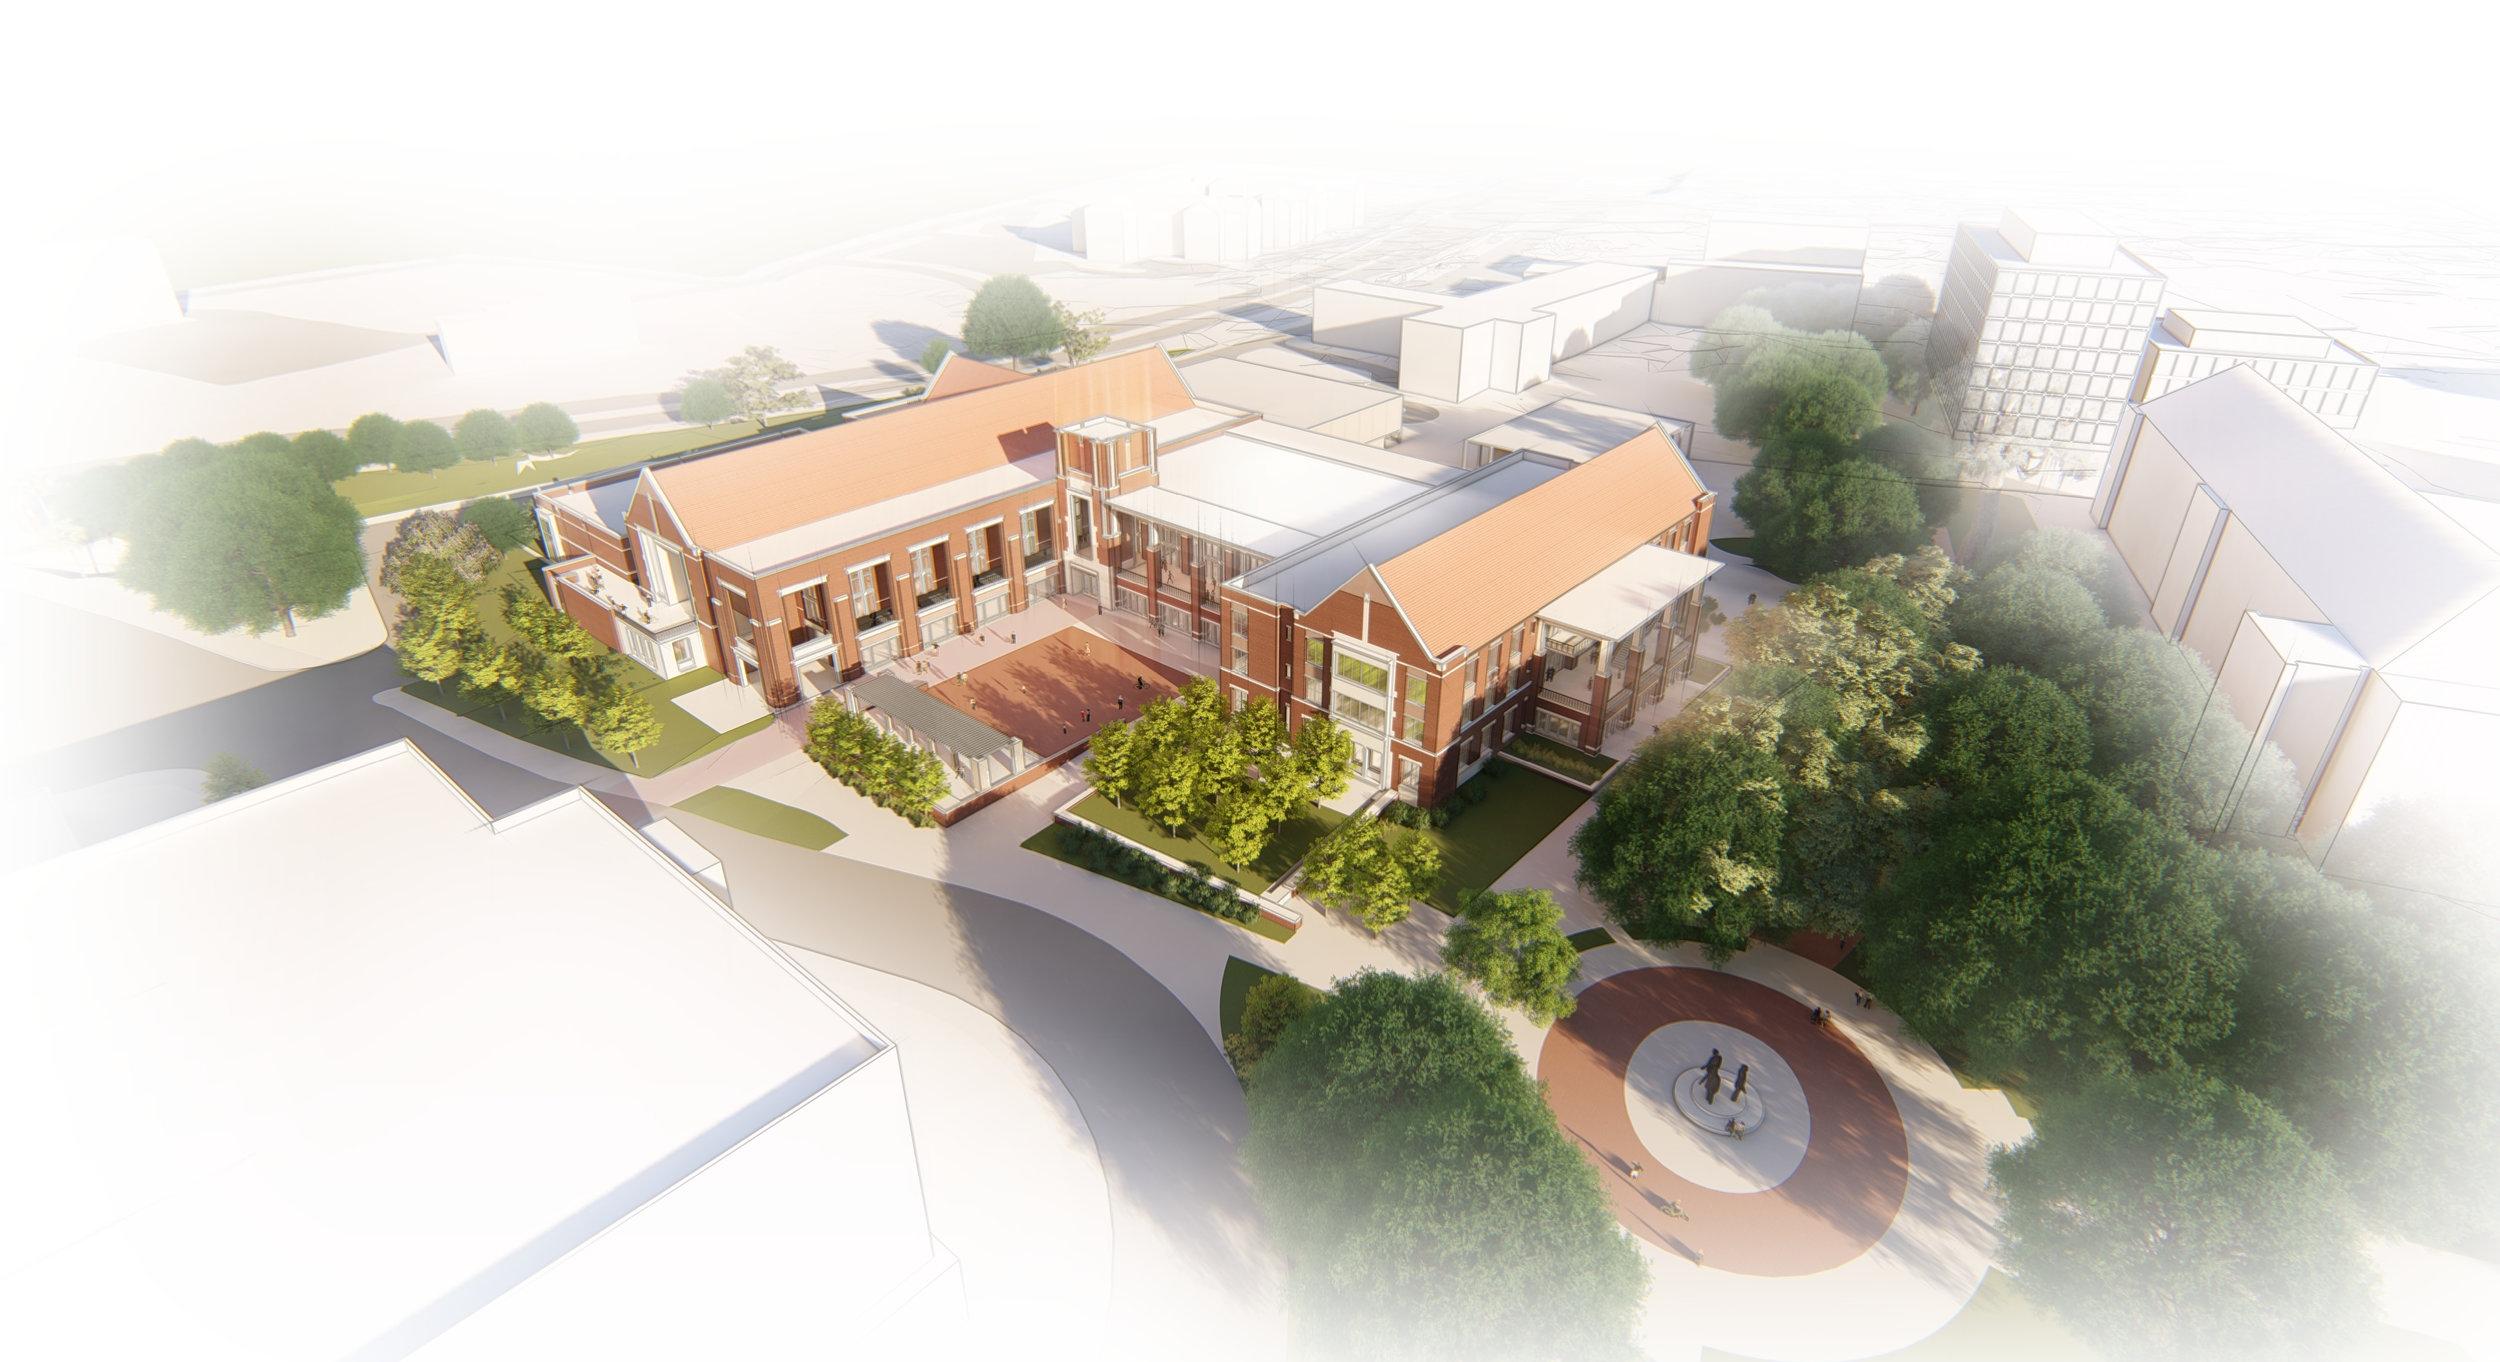 Florida State University Oglesby Union